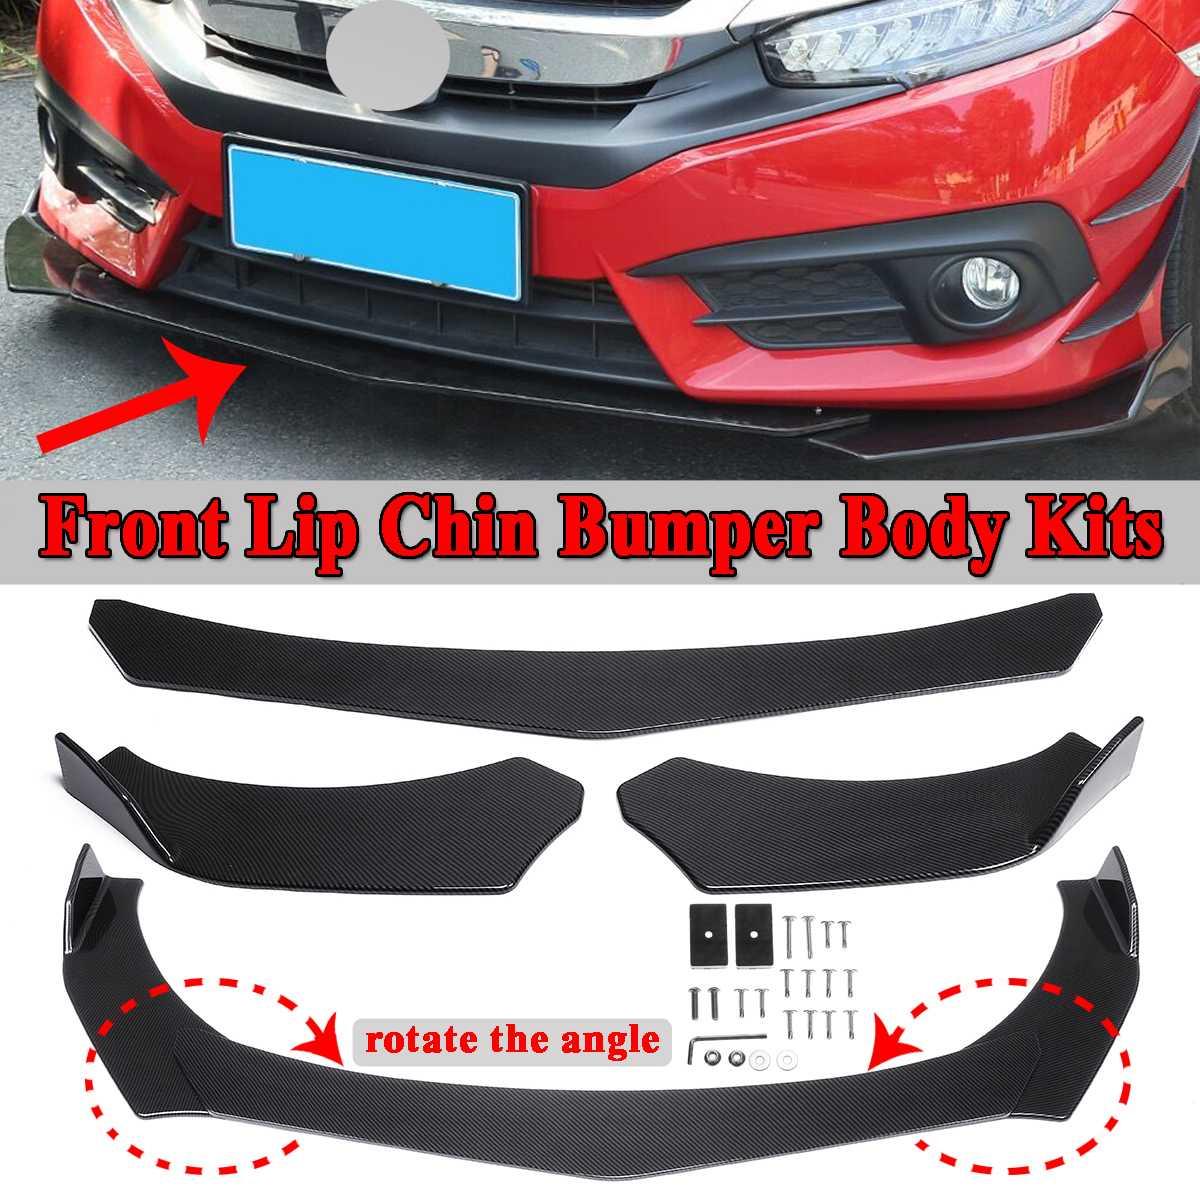 Novo Olhar De Fibra De Carbono Frente Car Lower Bumper Lip Chin Spoiler Body Kits Para BMW E36 E46 E60 E63 e64 E90 E91 E92 E93